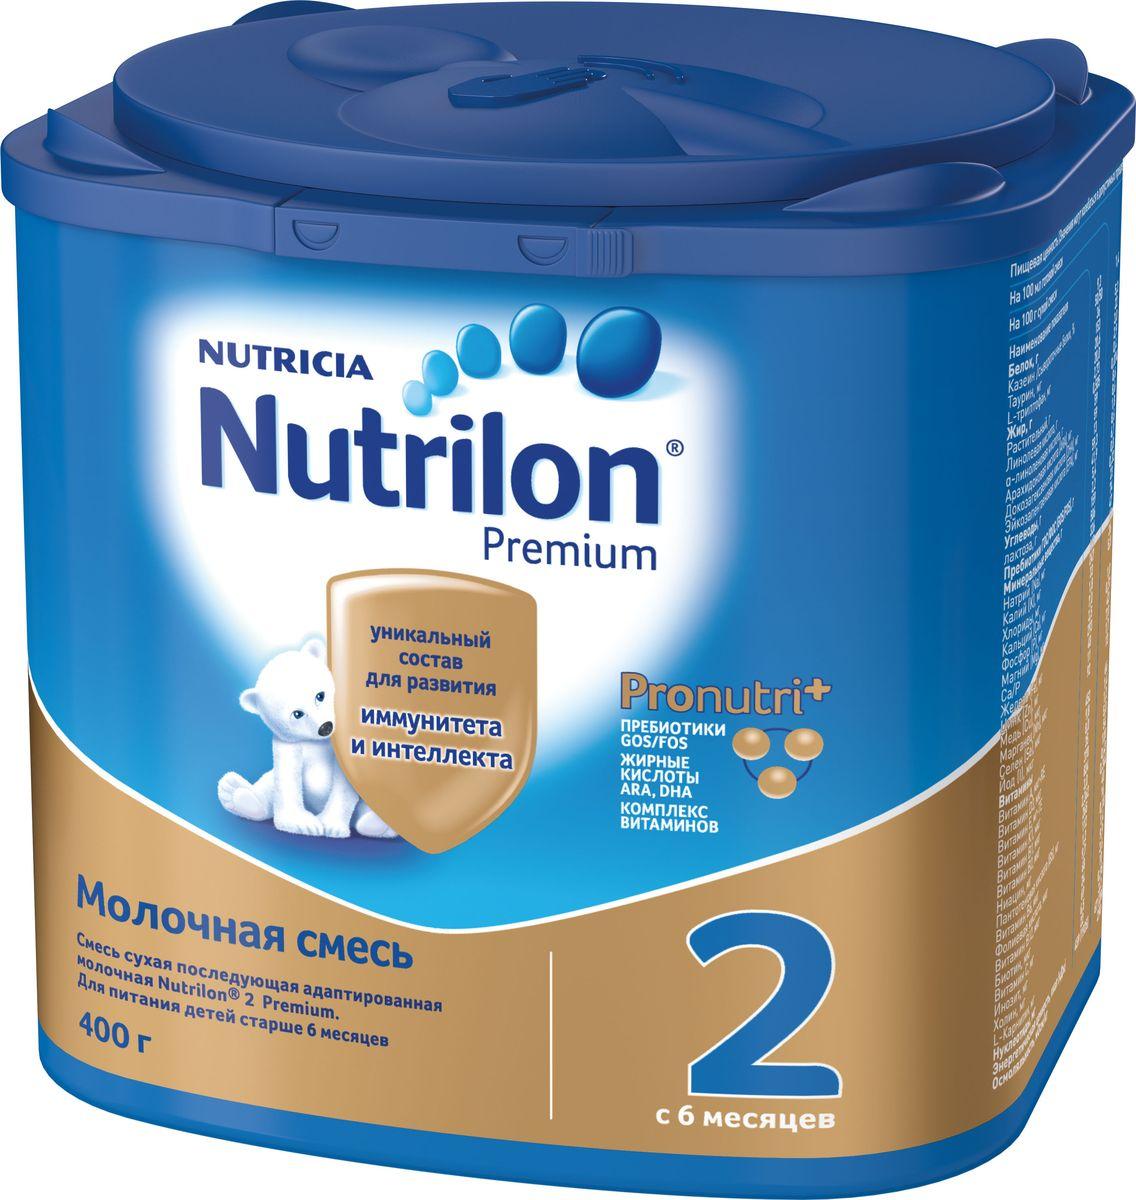 Nutrilon Премиум 2 молочная смесь PronutriPlus, с 6 месяцев, 400 г nutrilon премиум 1 молочная смесь pronutriplus с рождения 800 г